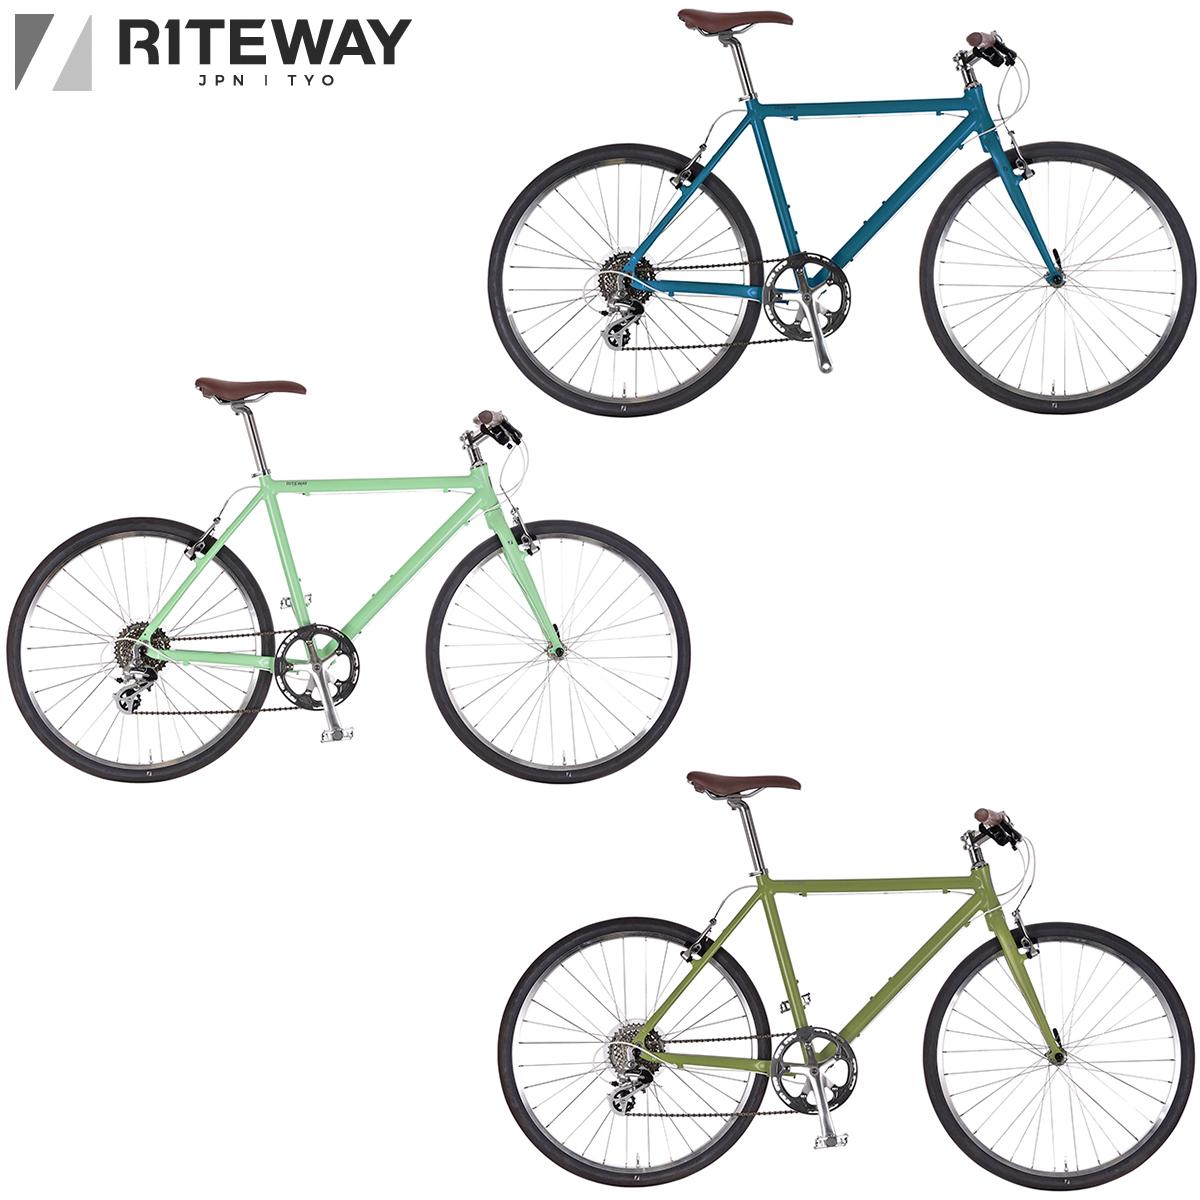 お得クーポン発行中 最短即日出荷 完全組立 公式 発送 ライトウェイ RITEWAY SHEPHERDクロスバイク シェファード 2020-2021継続